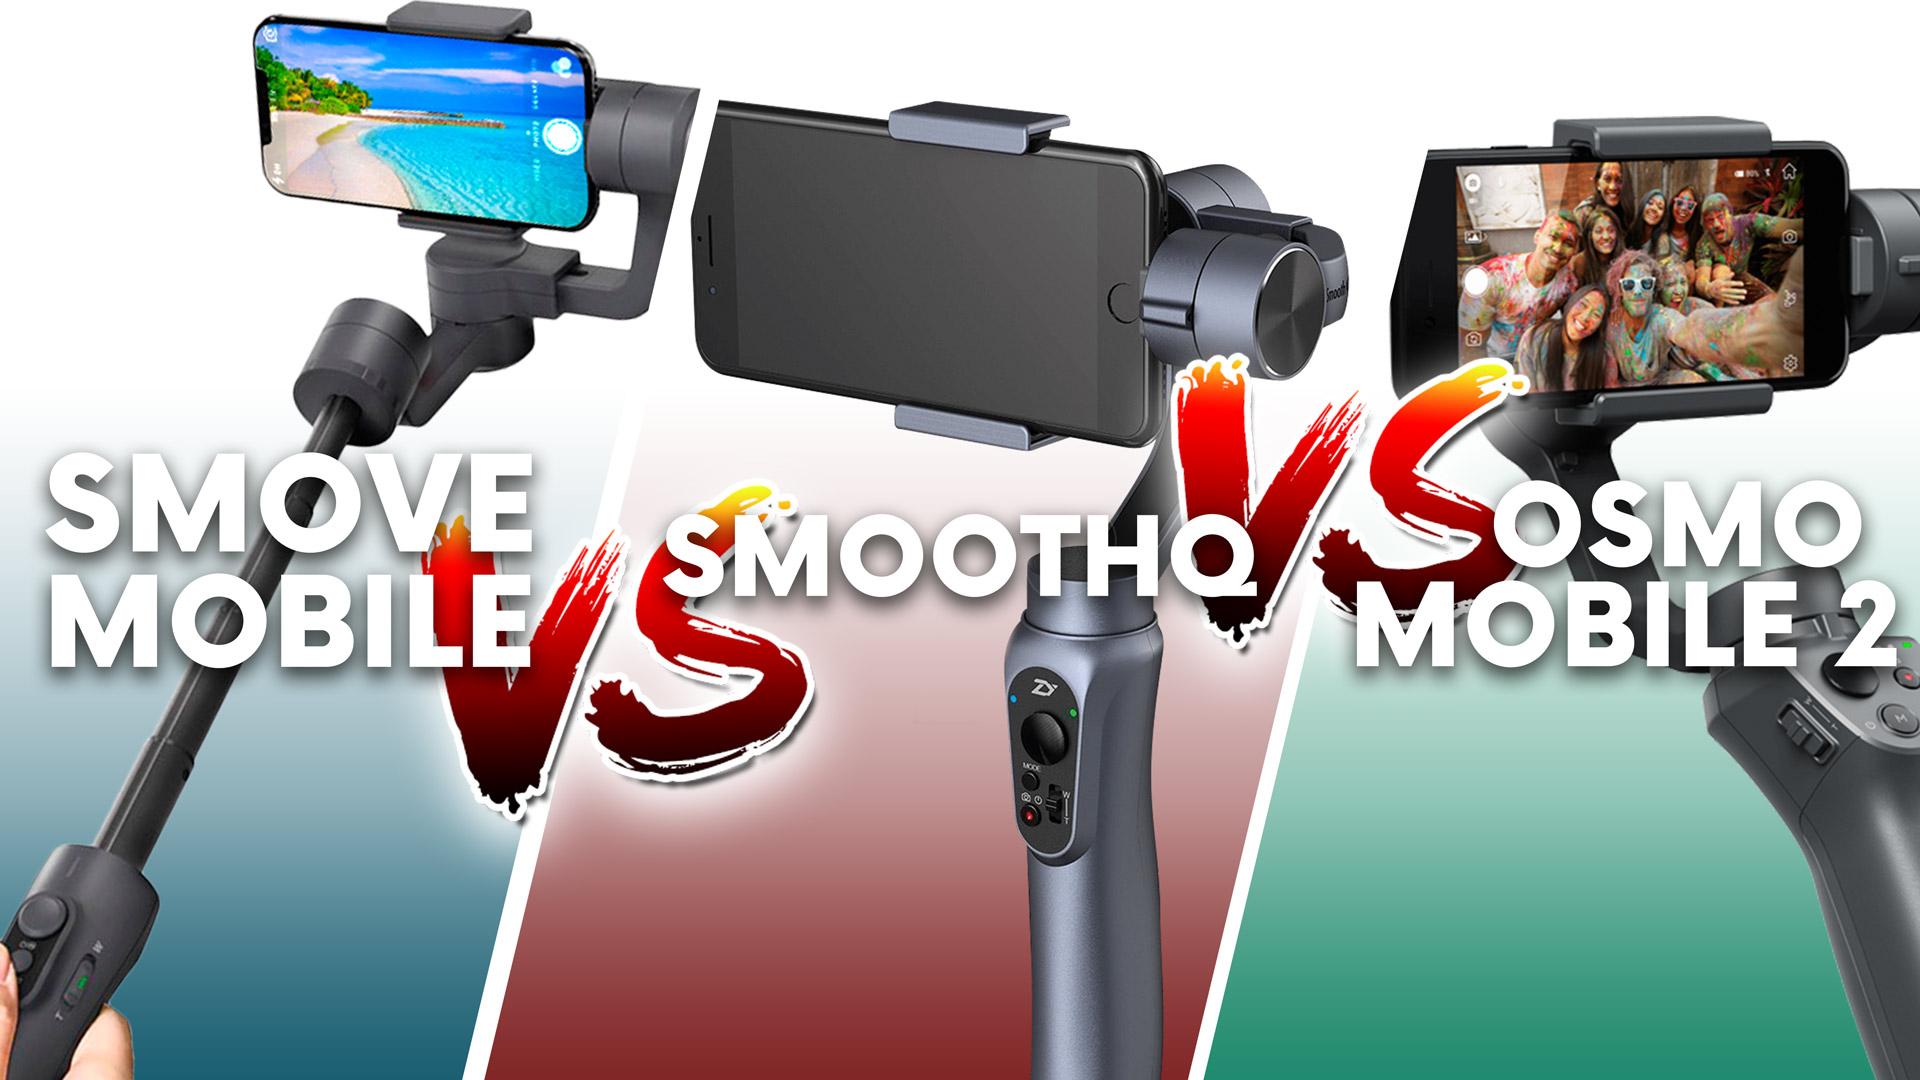 Smove Mobile Vs Smooth Q Osmo 2 Zhiyun Tech Smartphone Gimbal Share Tweet